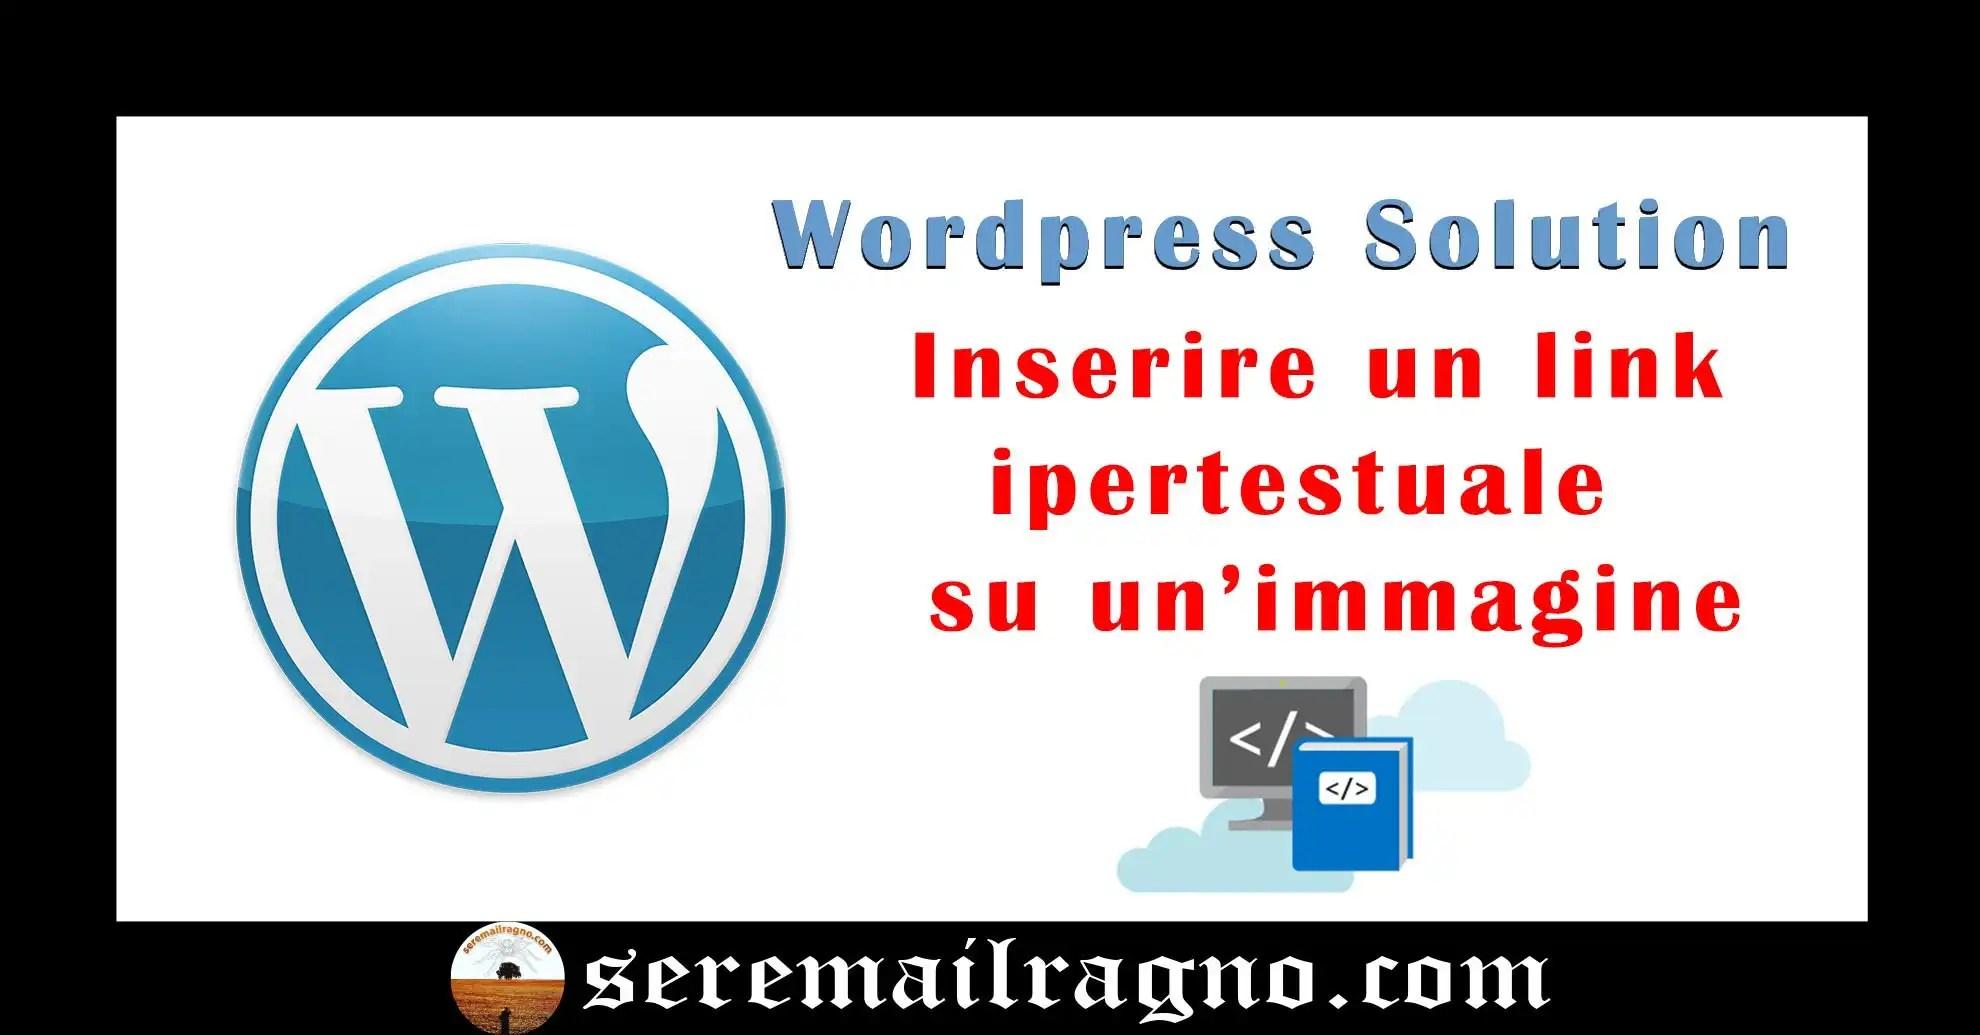 Inserire un link ipertestuale su un'immagine in WordPress